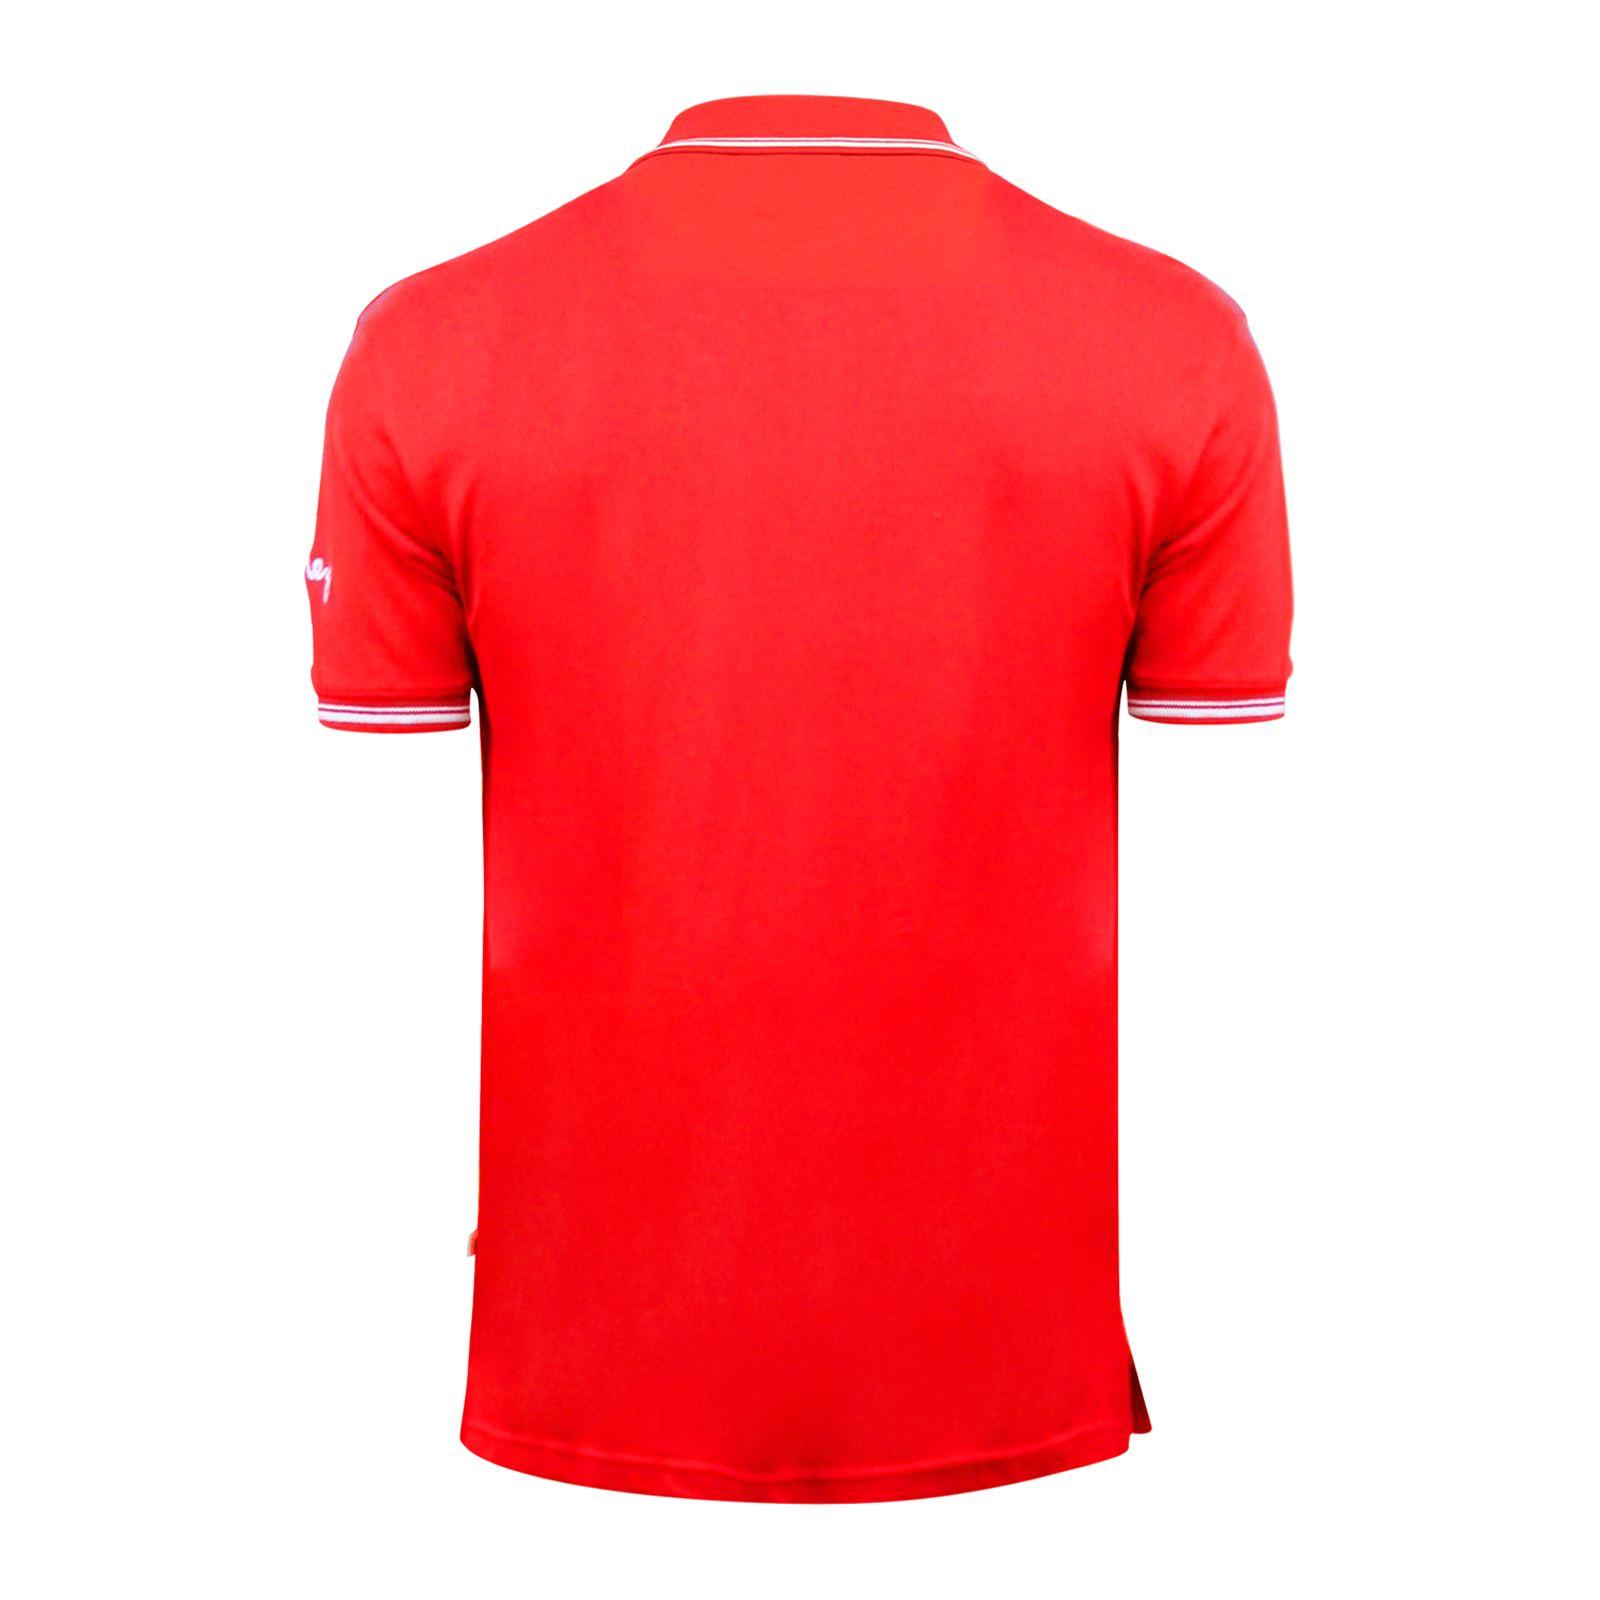 Argent-Comp-pour-Homme-Polo-Shirt-a-Manches-Courtes-en-Coton-Col-Haut-Decontracte miniature 3